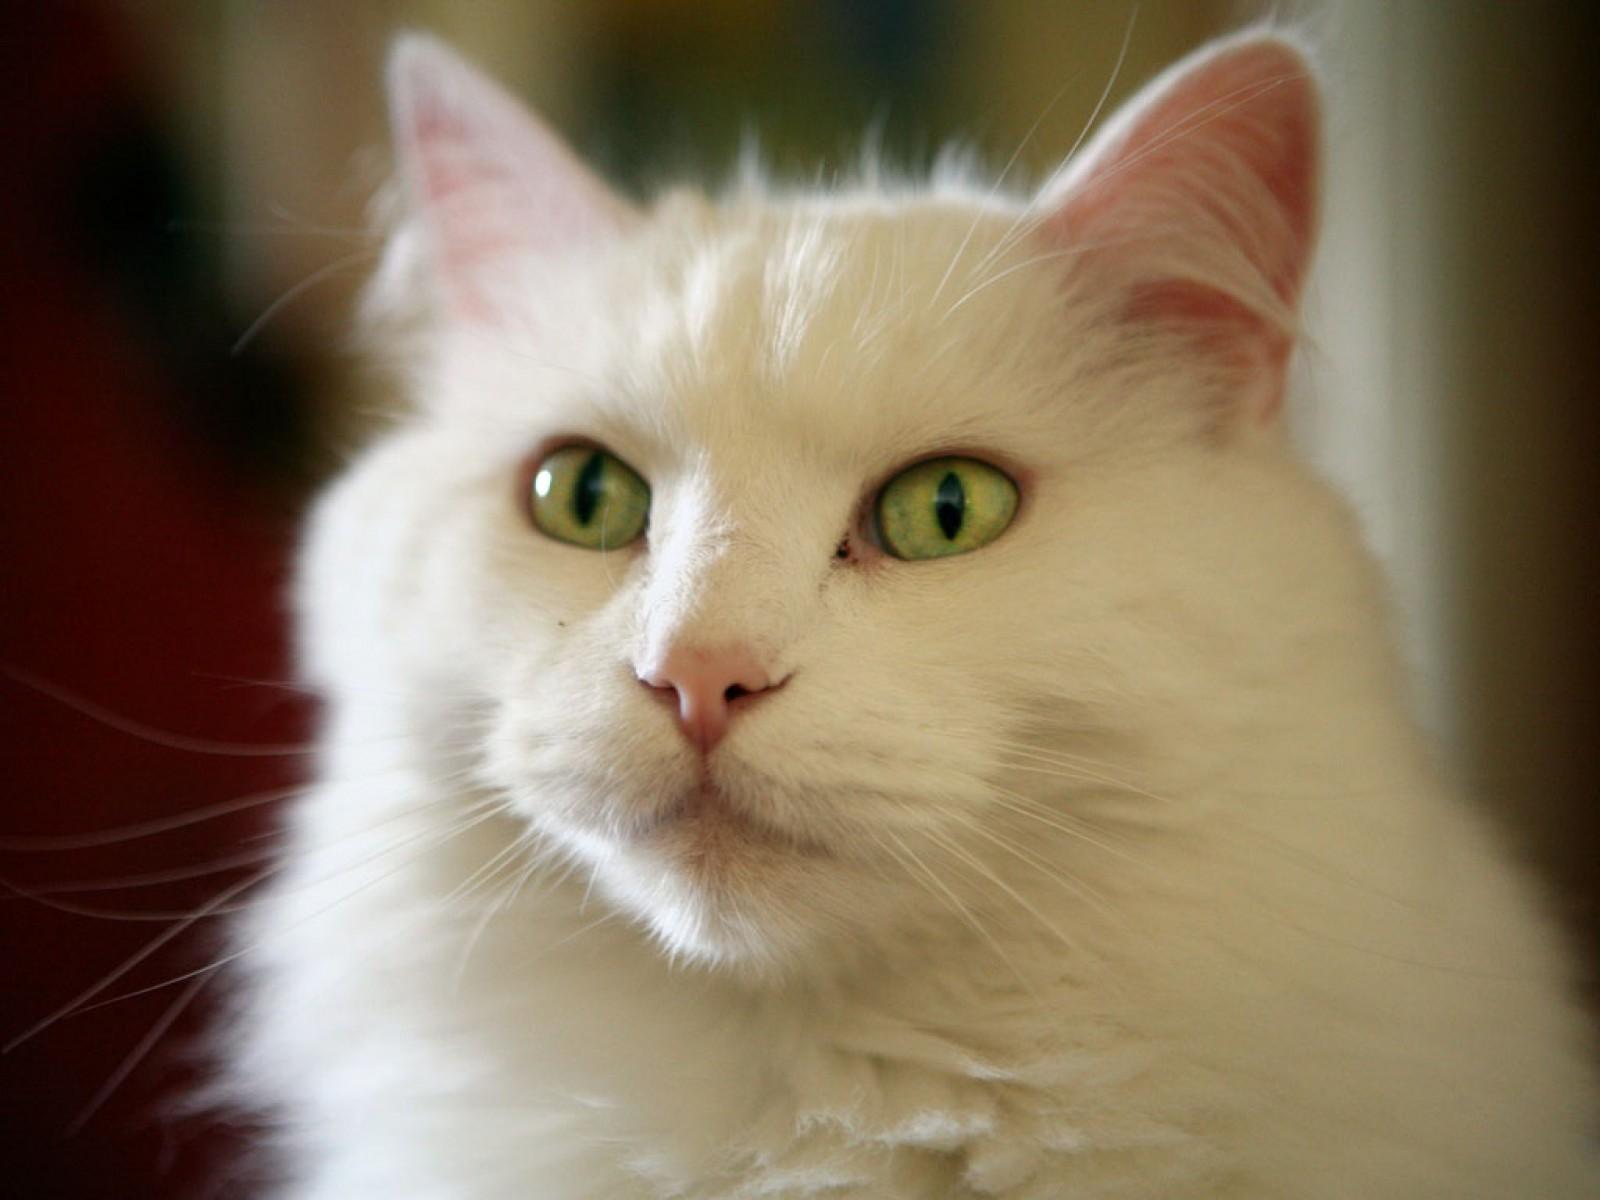 ... White Cat green eyes wallpaper. 4:3